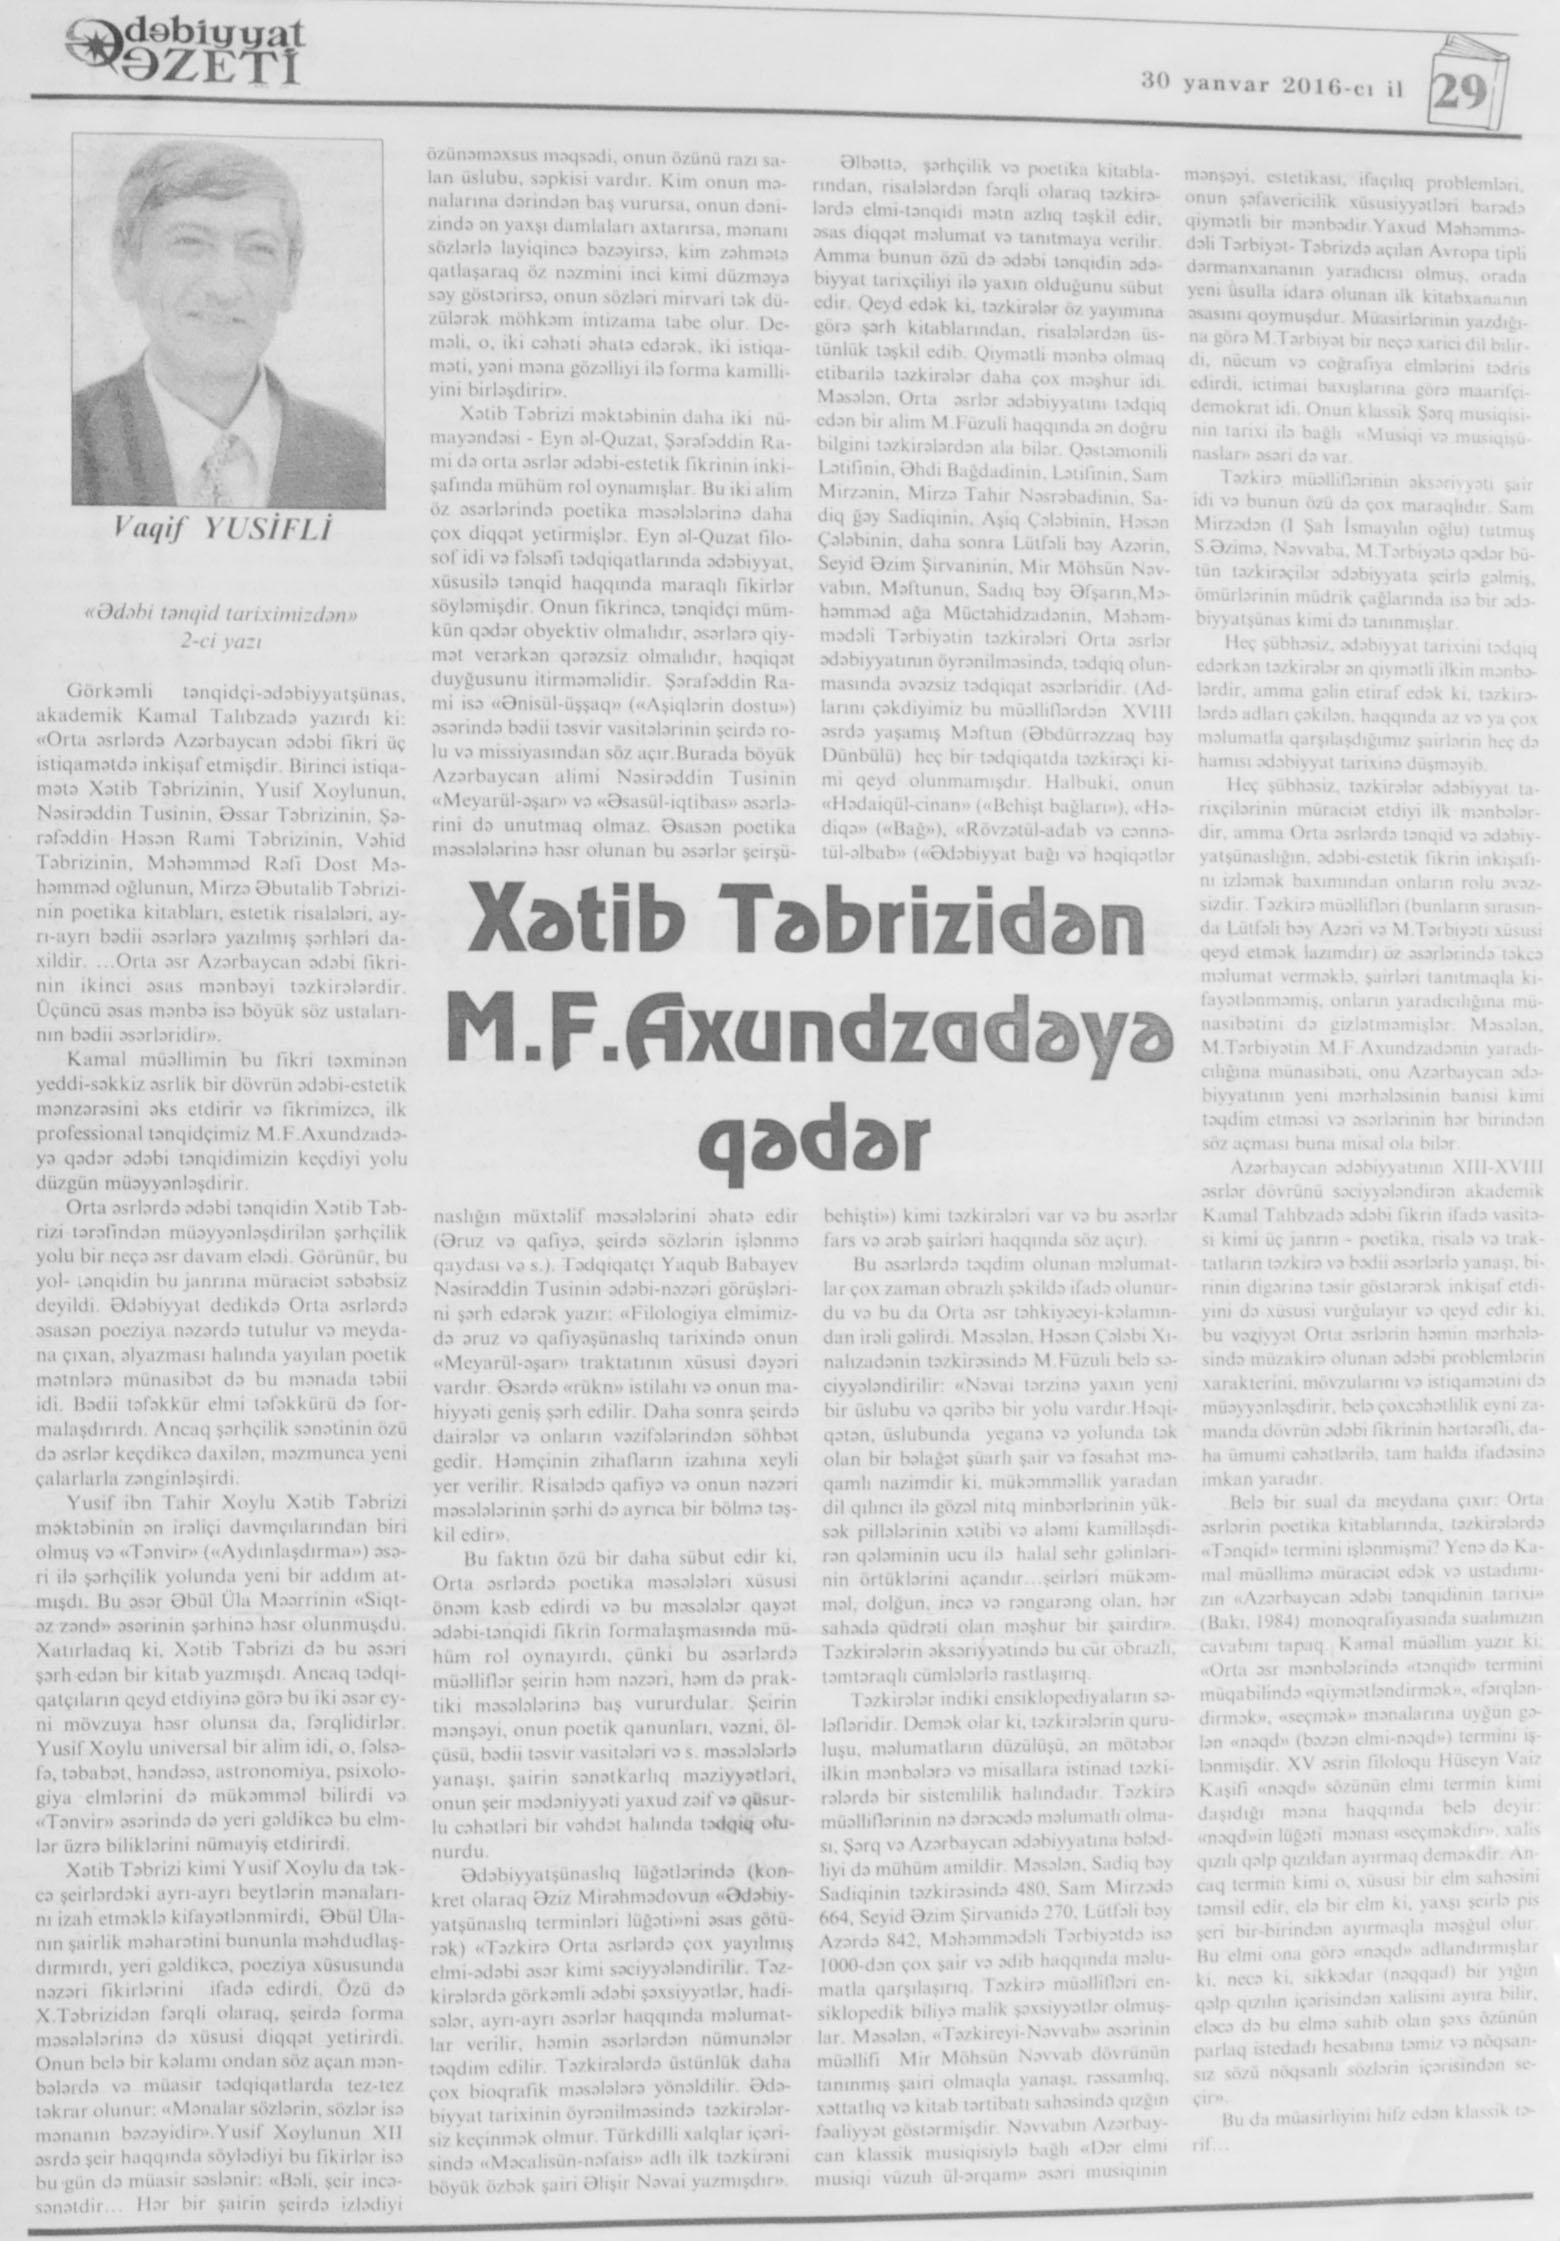 Index of /down/meqale/edebiyyat/2016/yanvar